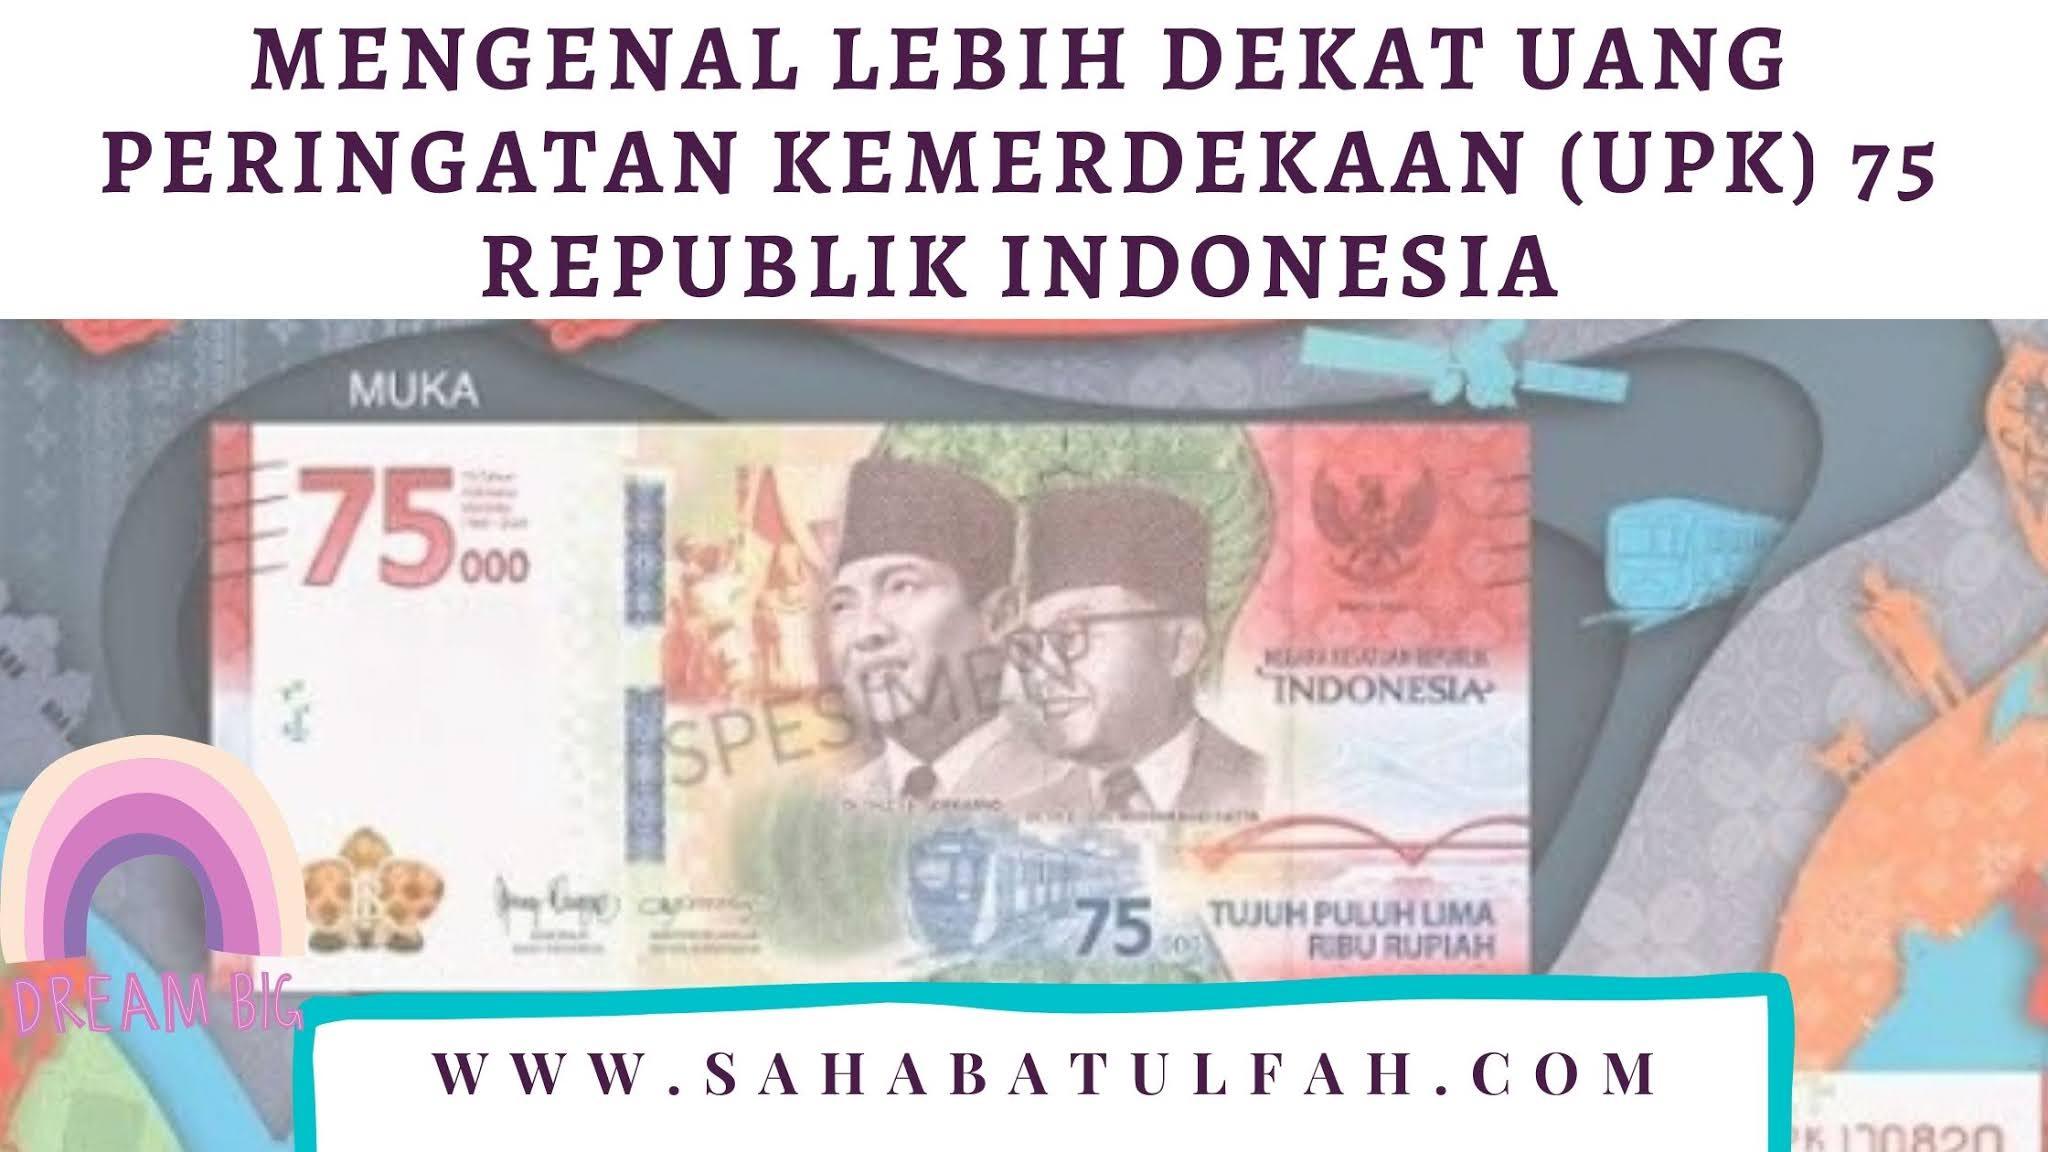 Mengenal-Lebih-Dekat-Uang-Peringatan-Kemerdekaan-(UPK)-75